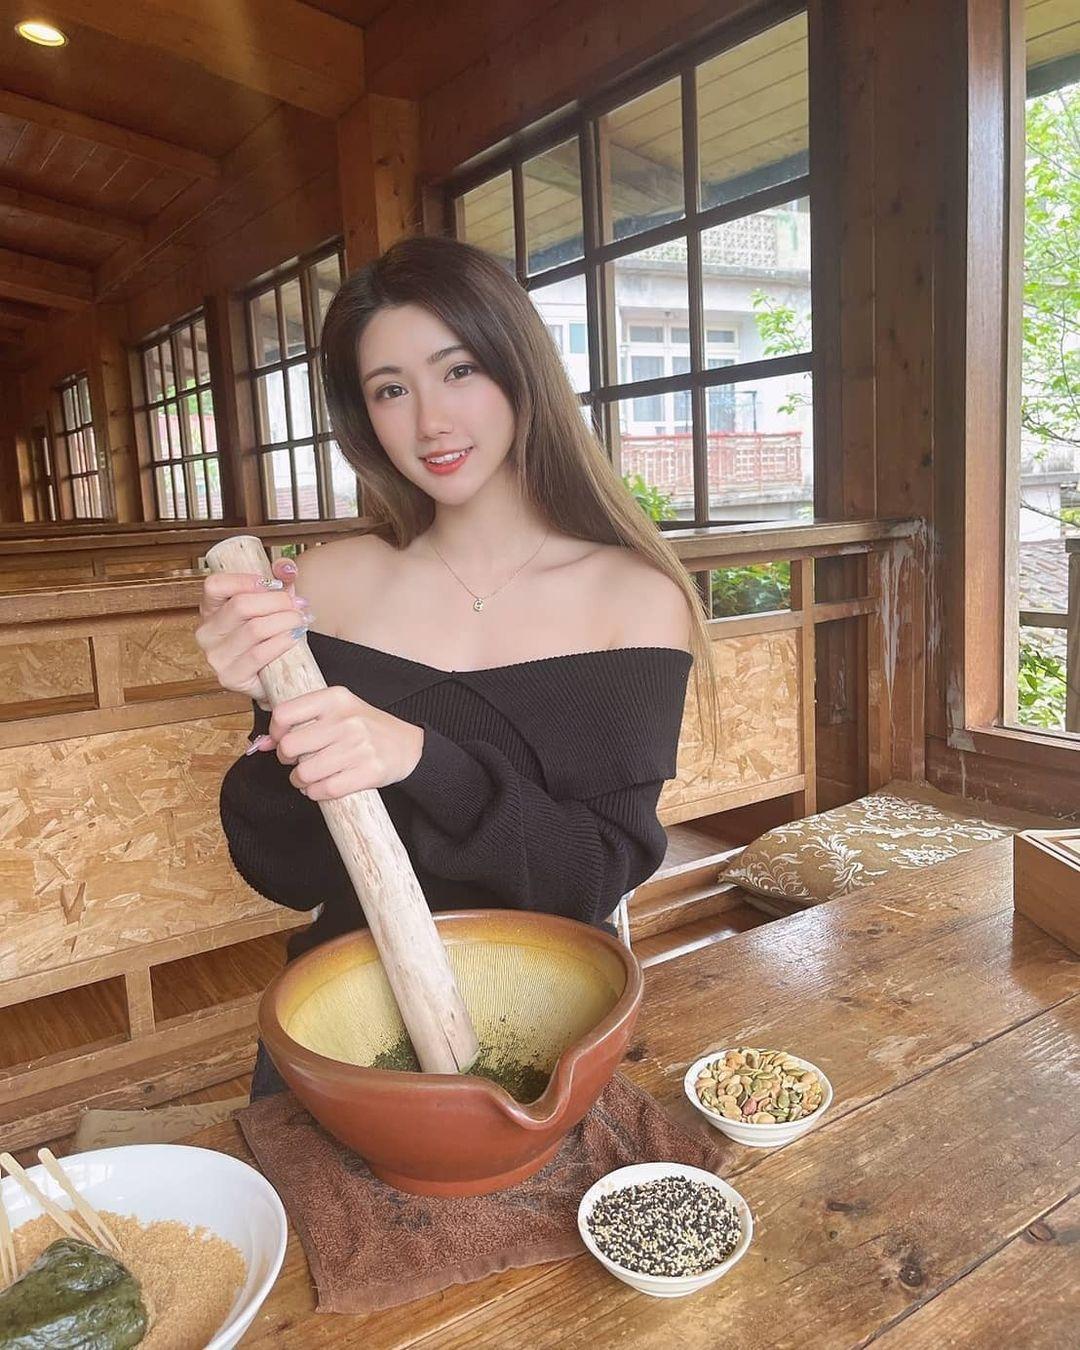 「气质正妹」客家擂茶体验,一字领秀「白嫩香肩」!